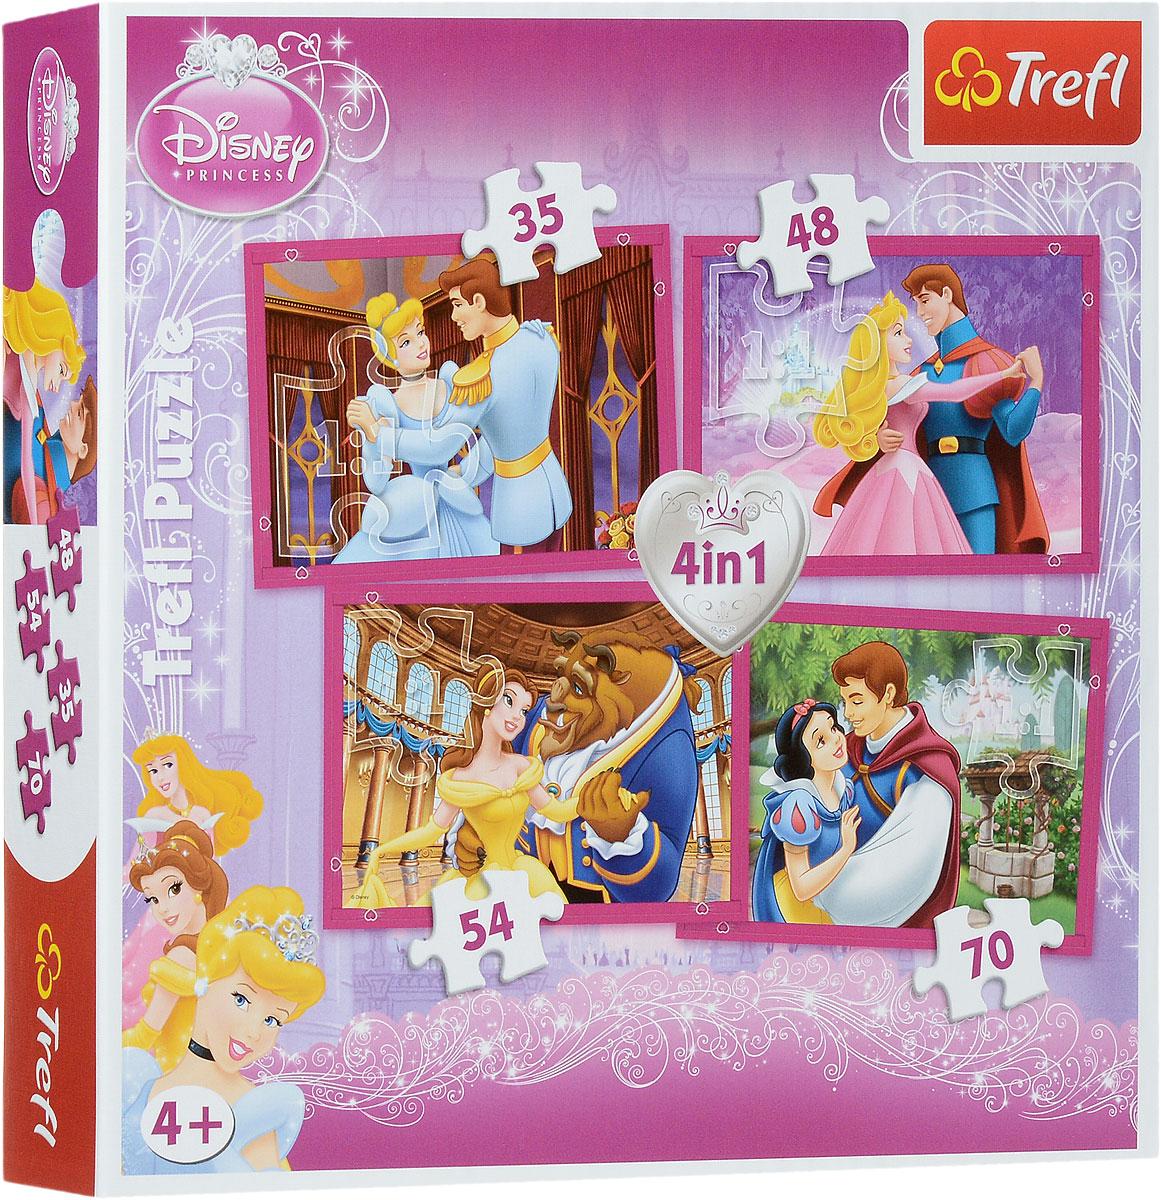 Trefl Пазл 4 в 1 Влюбленные пары34110Увлекательный детский набор пазлов Влюбленные пары: 4 в 1 идеально подойдет в качества подарка для маленьких принцесс. С таким набором можно собрать не один, а целых четыре пазла, что позволит вашей малышке начать коллекцию тематических картинок, на которых нарисованы диснеевские принцессы вместе со своими возлюбленными. Пазлы имеют по 35, 48, 54 и 70 элементов. Игра выпущена польским брендом Trefl, известным своими пазлами во всем мире. Дело в том, что это пазлы высочайшего качества, изготавливающиеся из каландрированной бумаги, что позволяет приобрести им невероятную гладкость и яркие насыщенные цвета, которые не стираются со временем. Кроме того, это экологически чистая продукция, не способная нанести вреда ребенку и окружающей среде. Игра улучшает мелкую моторику, развивает логические навыки и воображение. Размер готовых изображений: 205 мм х 285 мм.